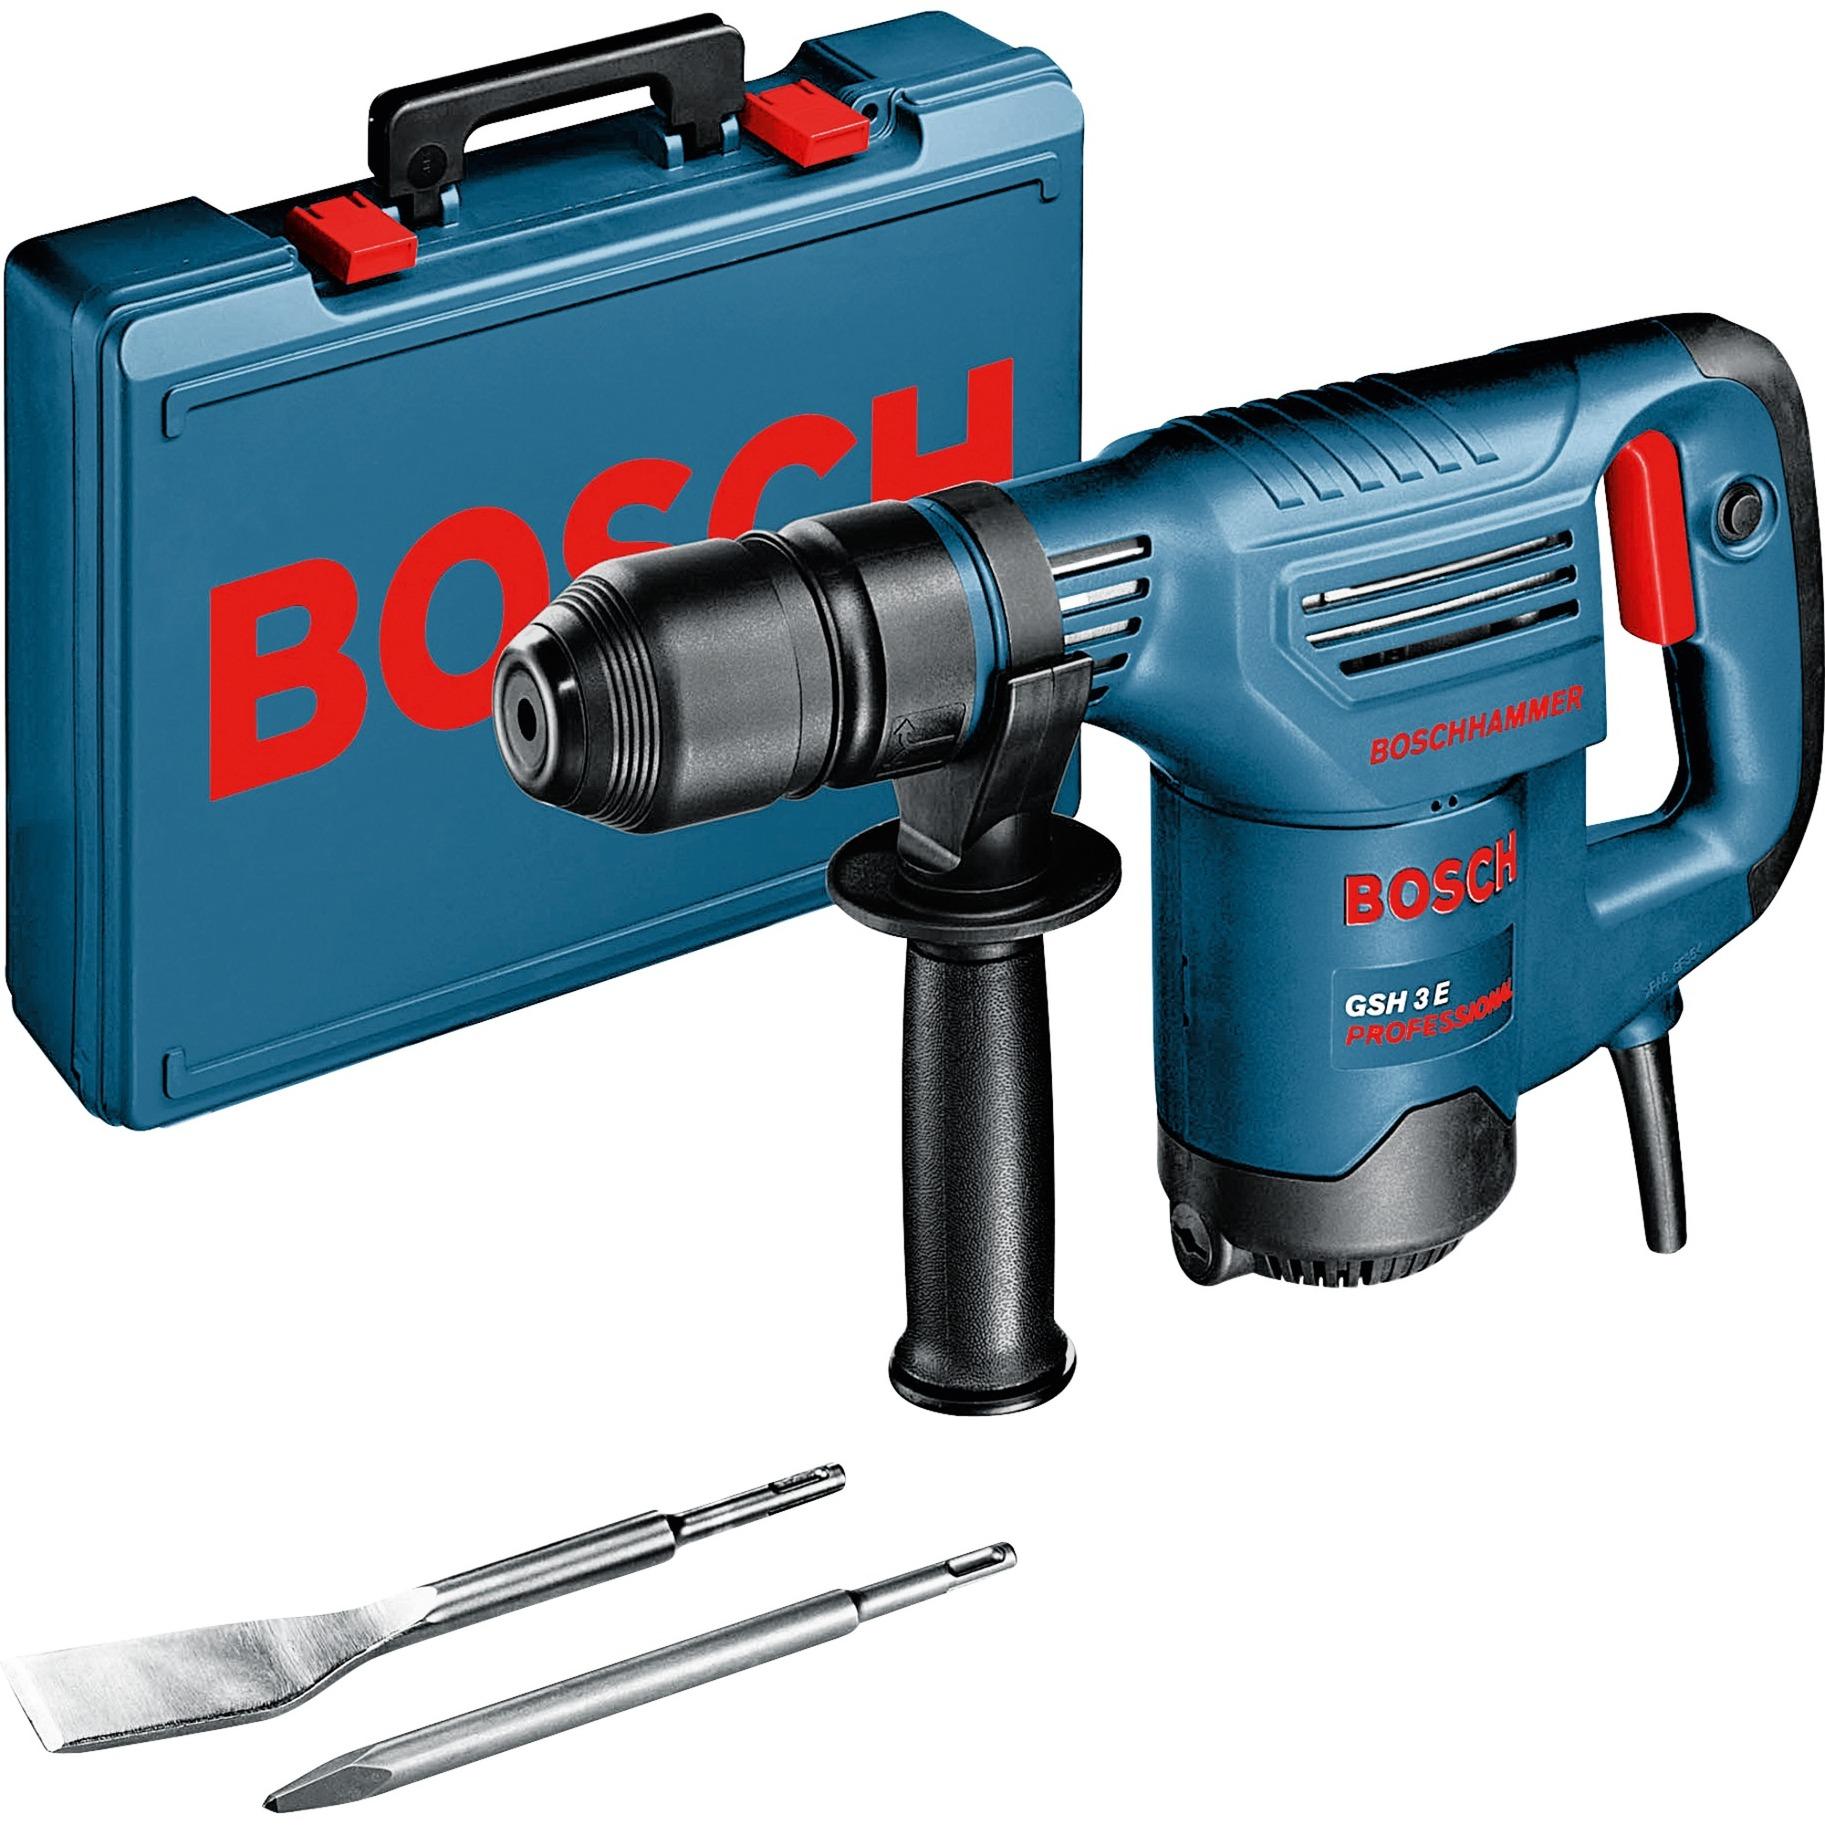 0 611 320 703 rotary hammers 650 W, Martillo de percusión